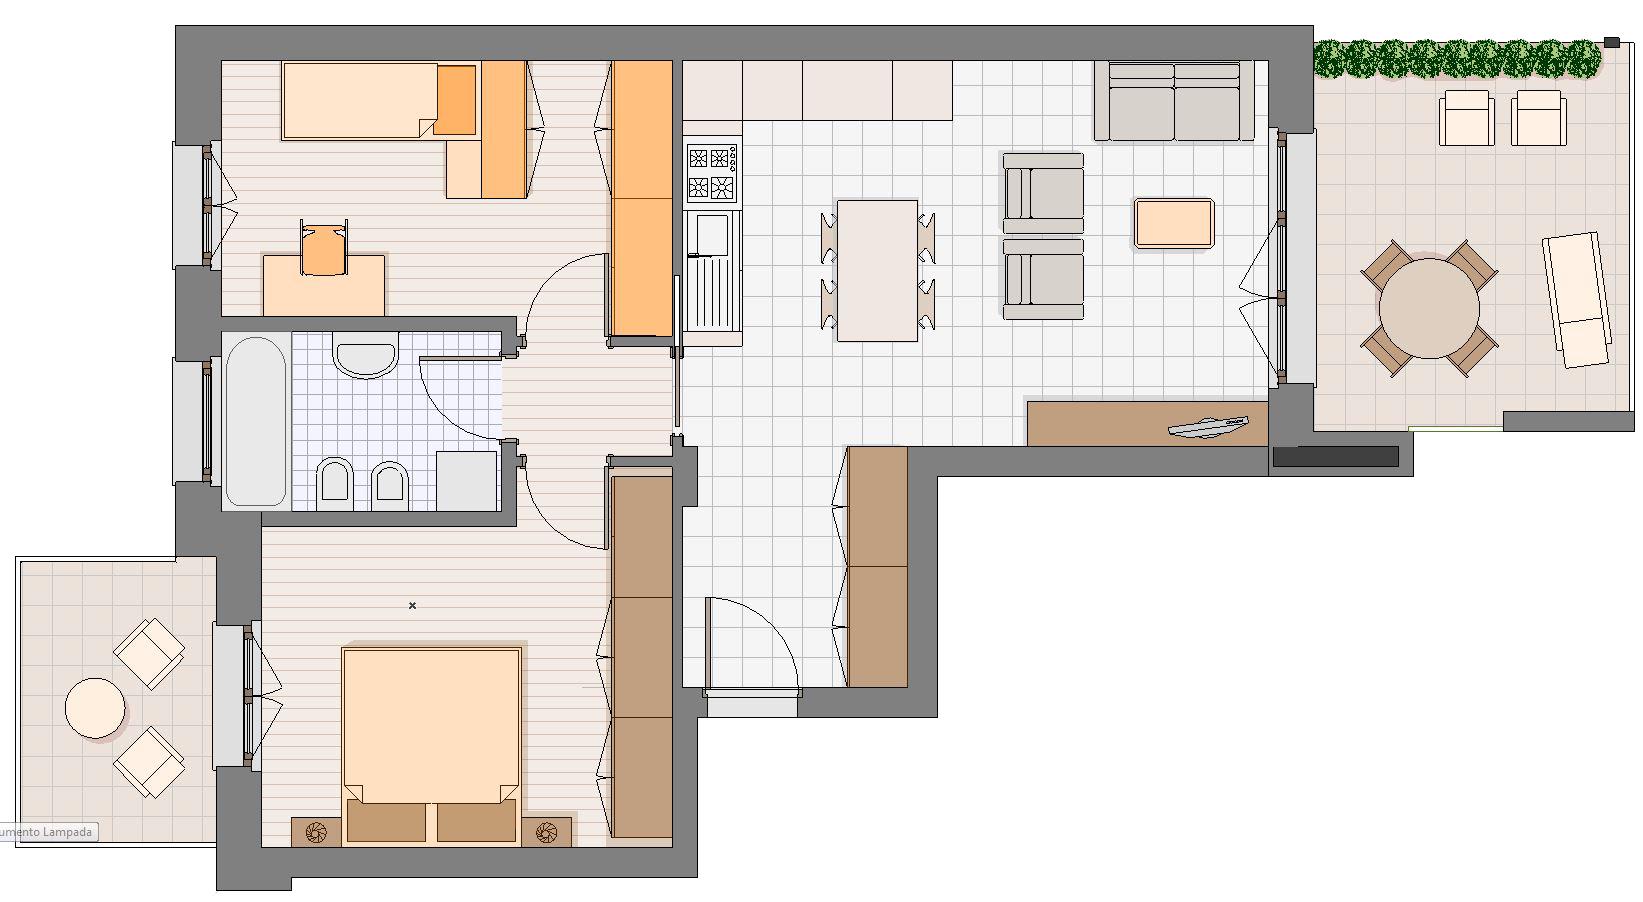 Residenza parco azzurro gaggiano appartamenti nuova for Planimetrie per case di 3000 piedi quadrati